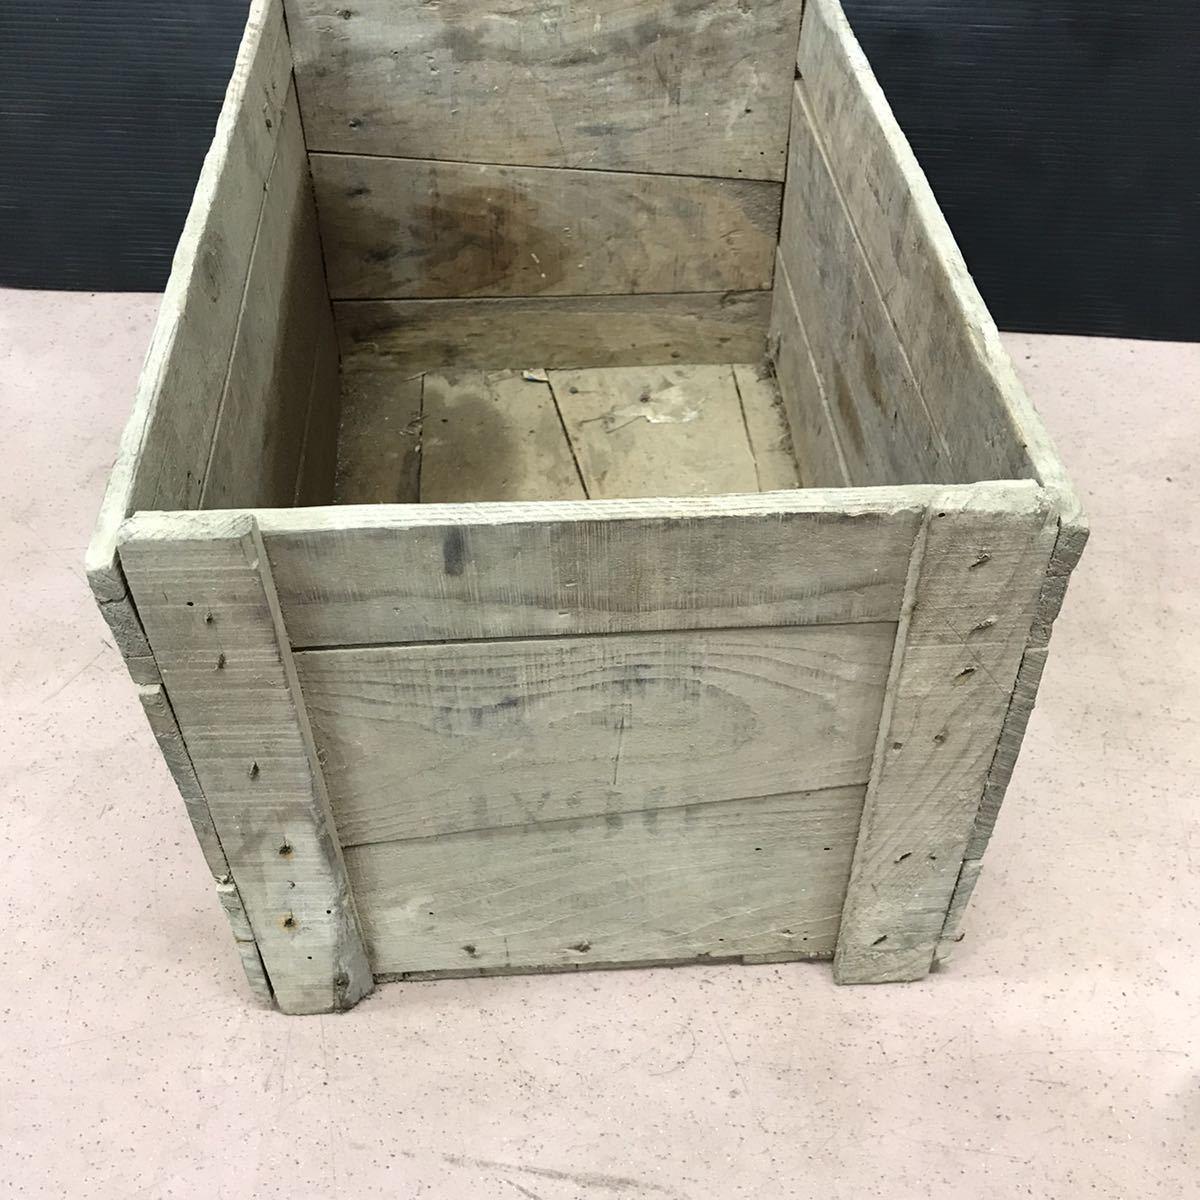 昭和レトロ 木箱 アンティーク ビンテージ ディスプレイ 古民家 ②_画像4